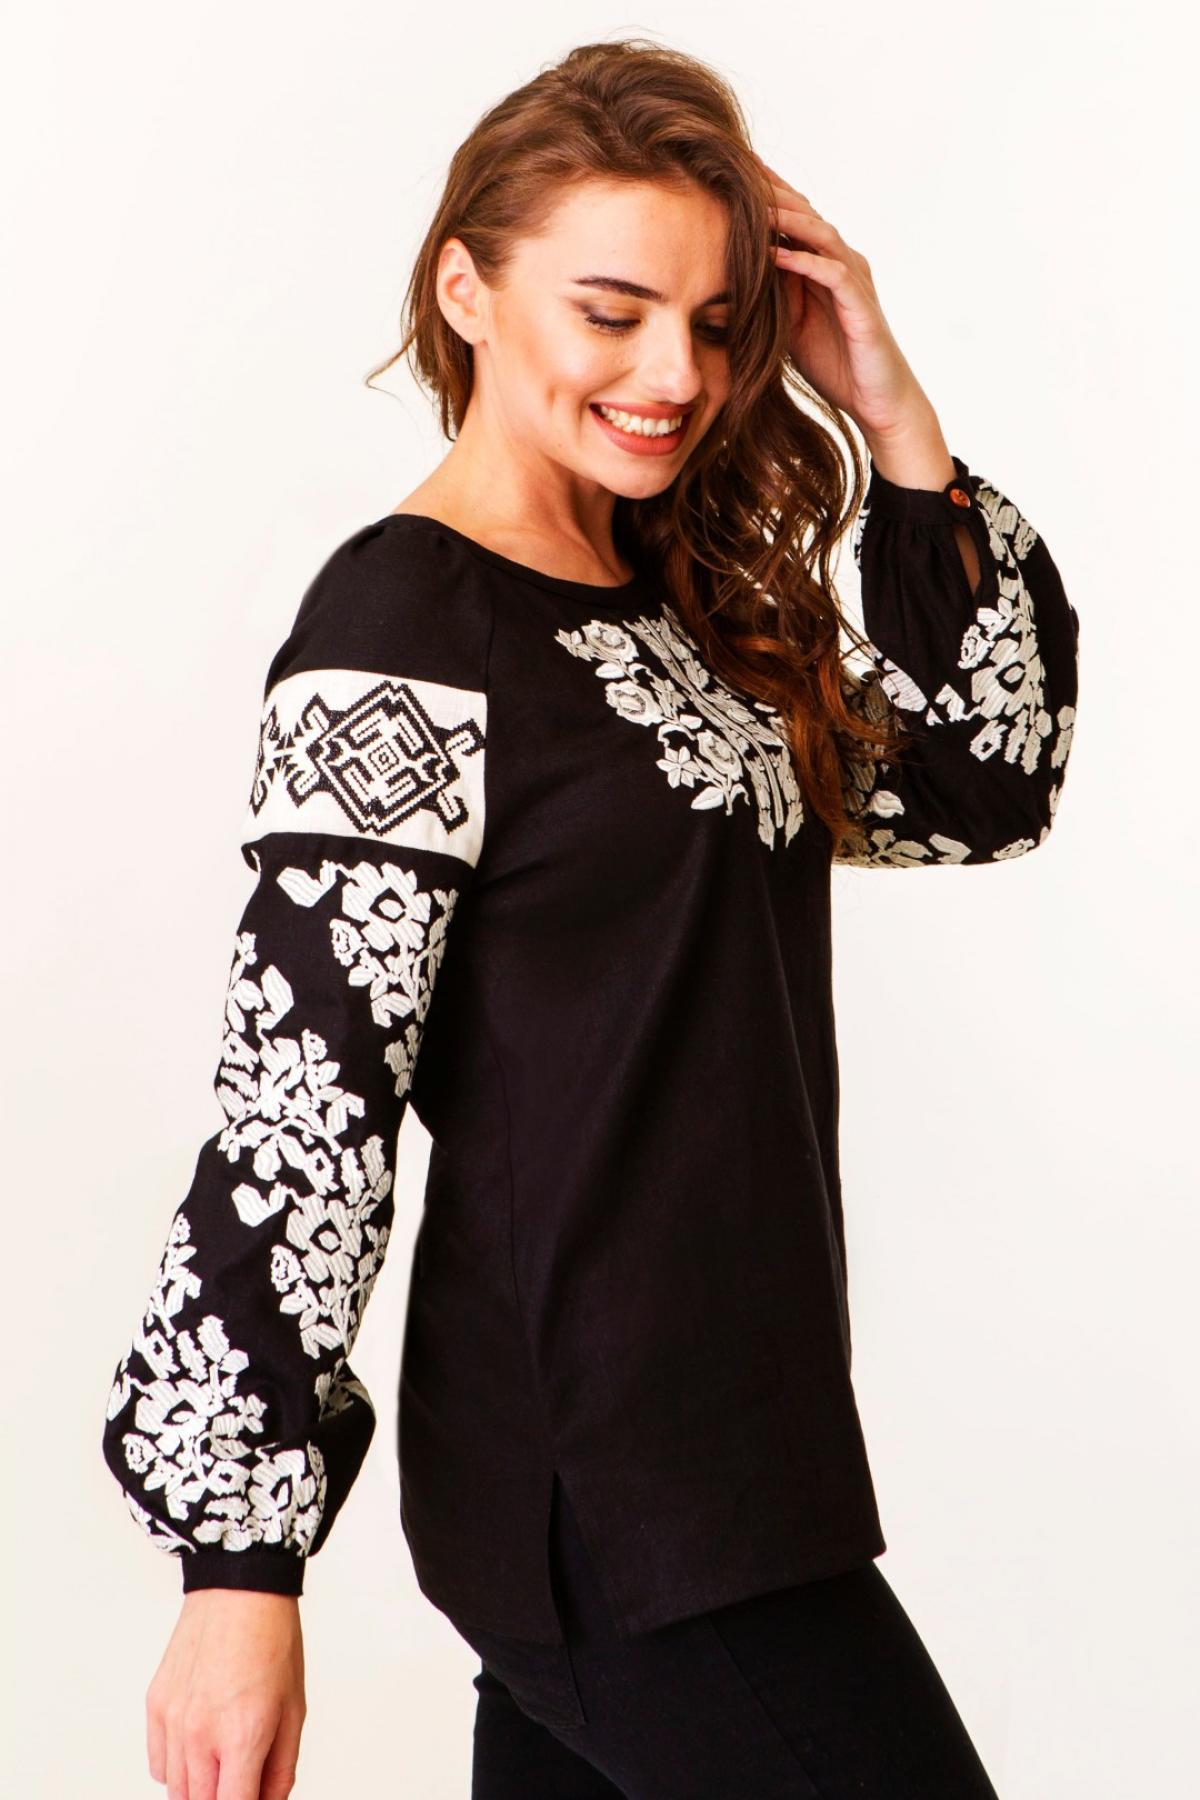 Черная льняная женская вышитая рубашка с молочной вышивкой. Фото №2. | Народный дом Украина